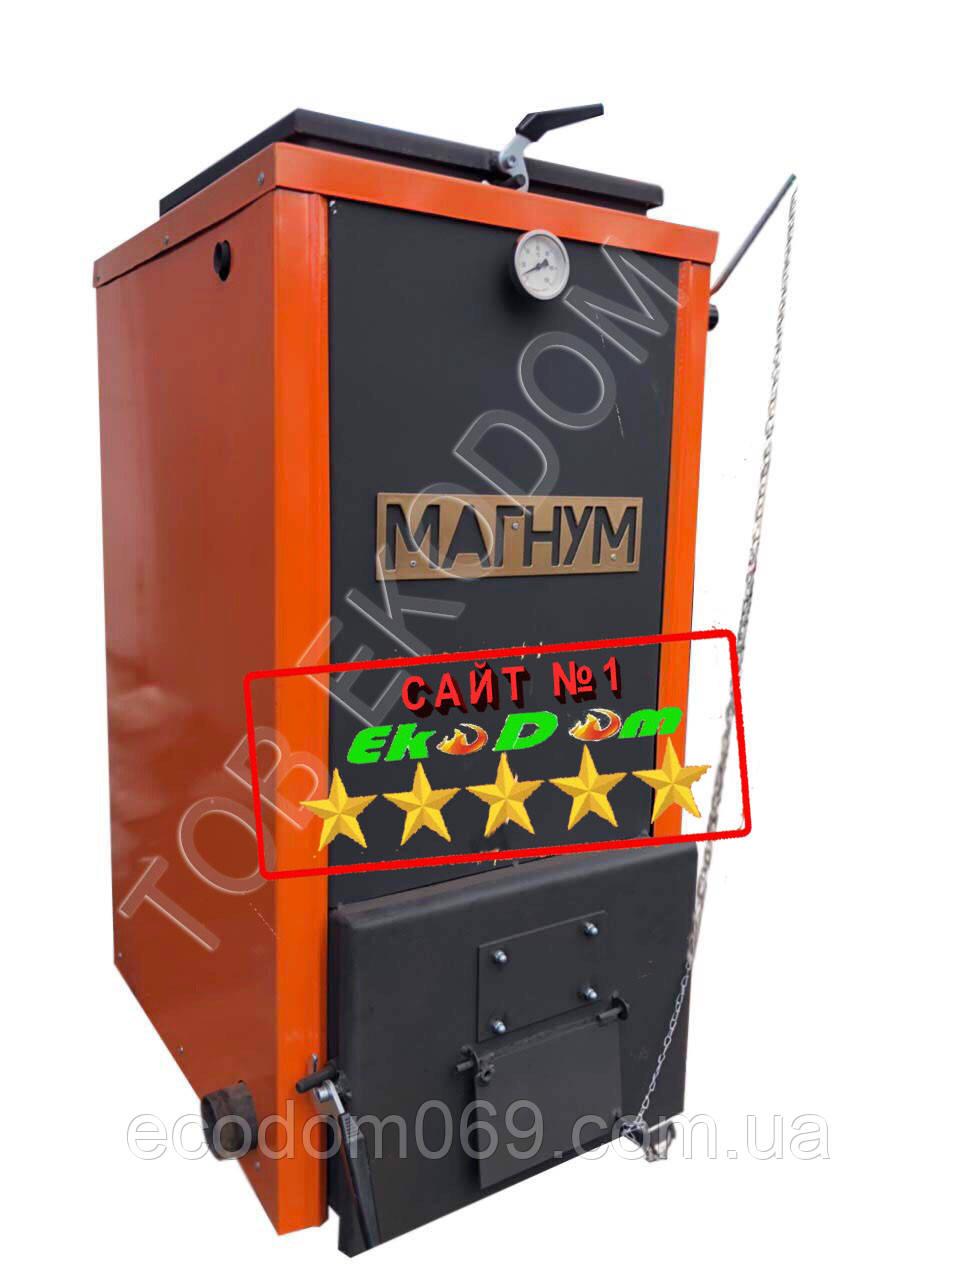 Универсальный котел шахтного типа Магнум 20 кВт